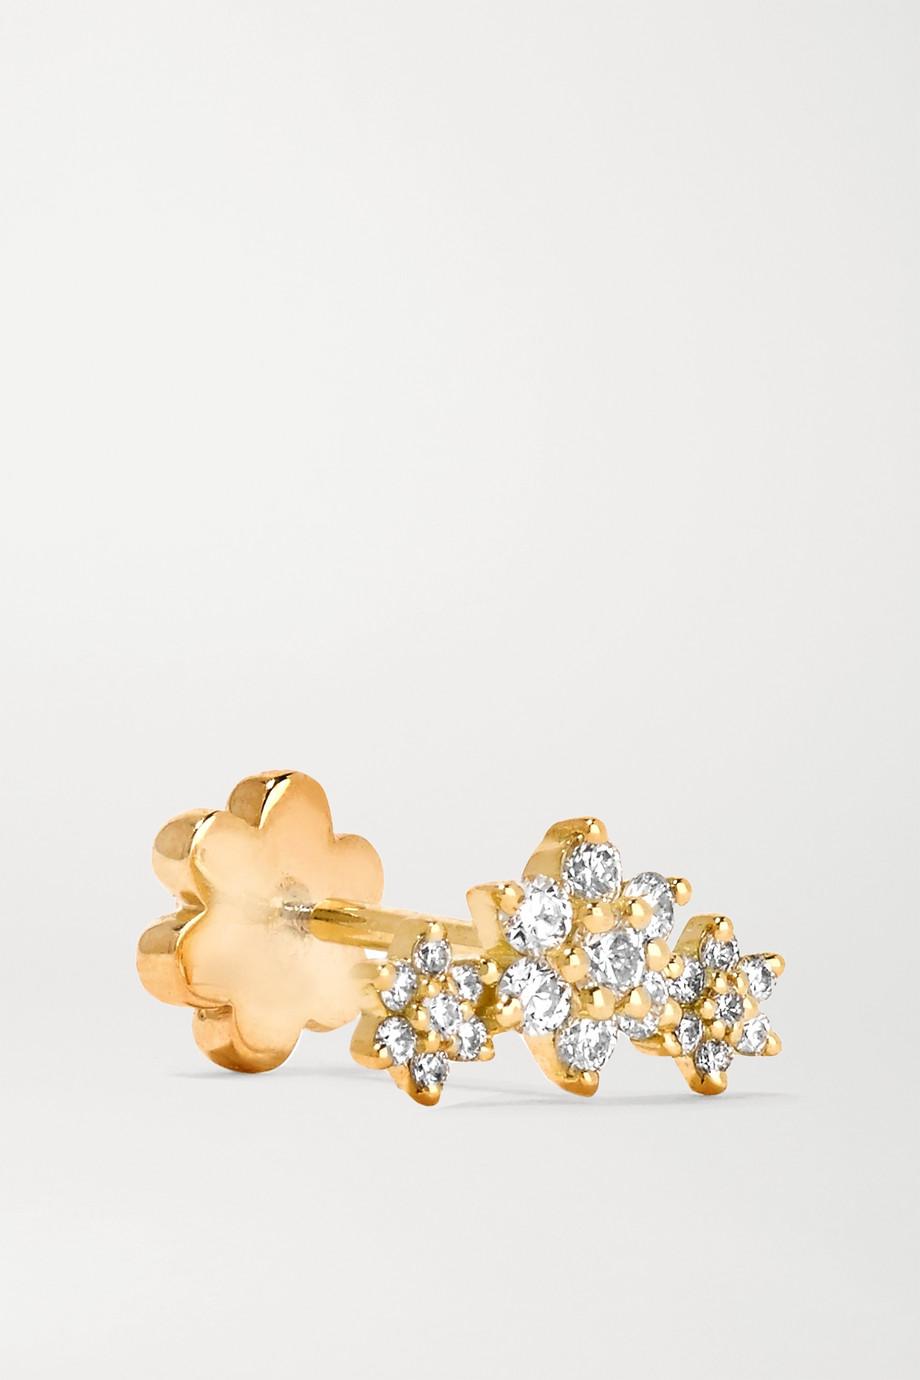 Maria Tash Flower Garland 3 mm Ohrring aus 18 Karat Gold mit Diamanten